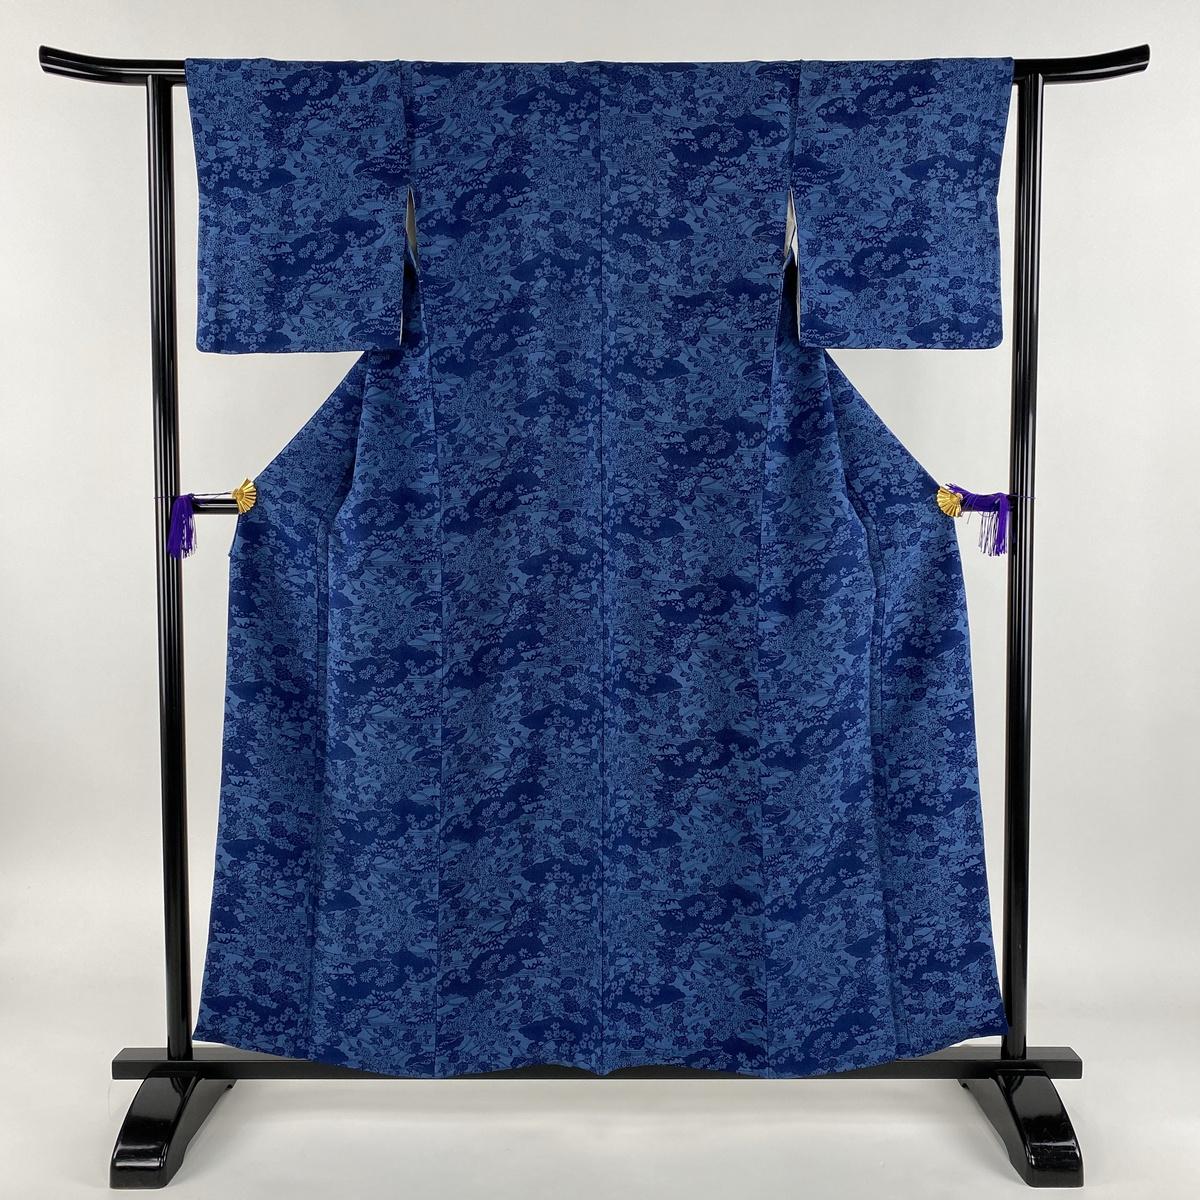 小紋 美品 秀品 雲文 草花 ちりめん 藍色 袷 身丈156.5cm 裄丈62cm S 正絹 【中古】